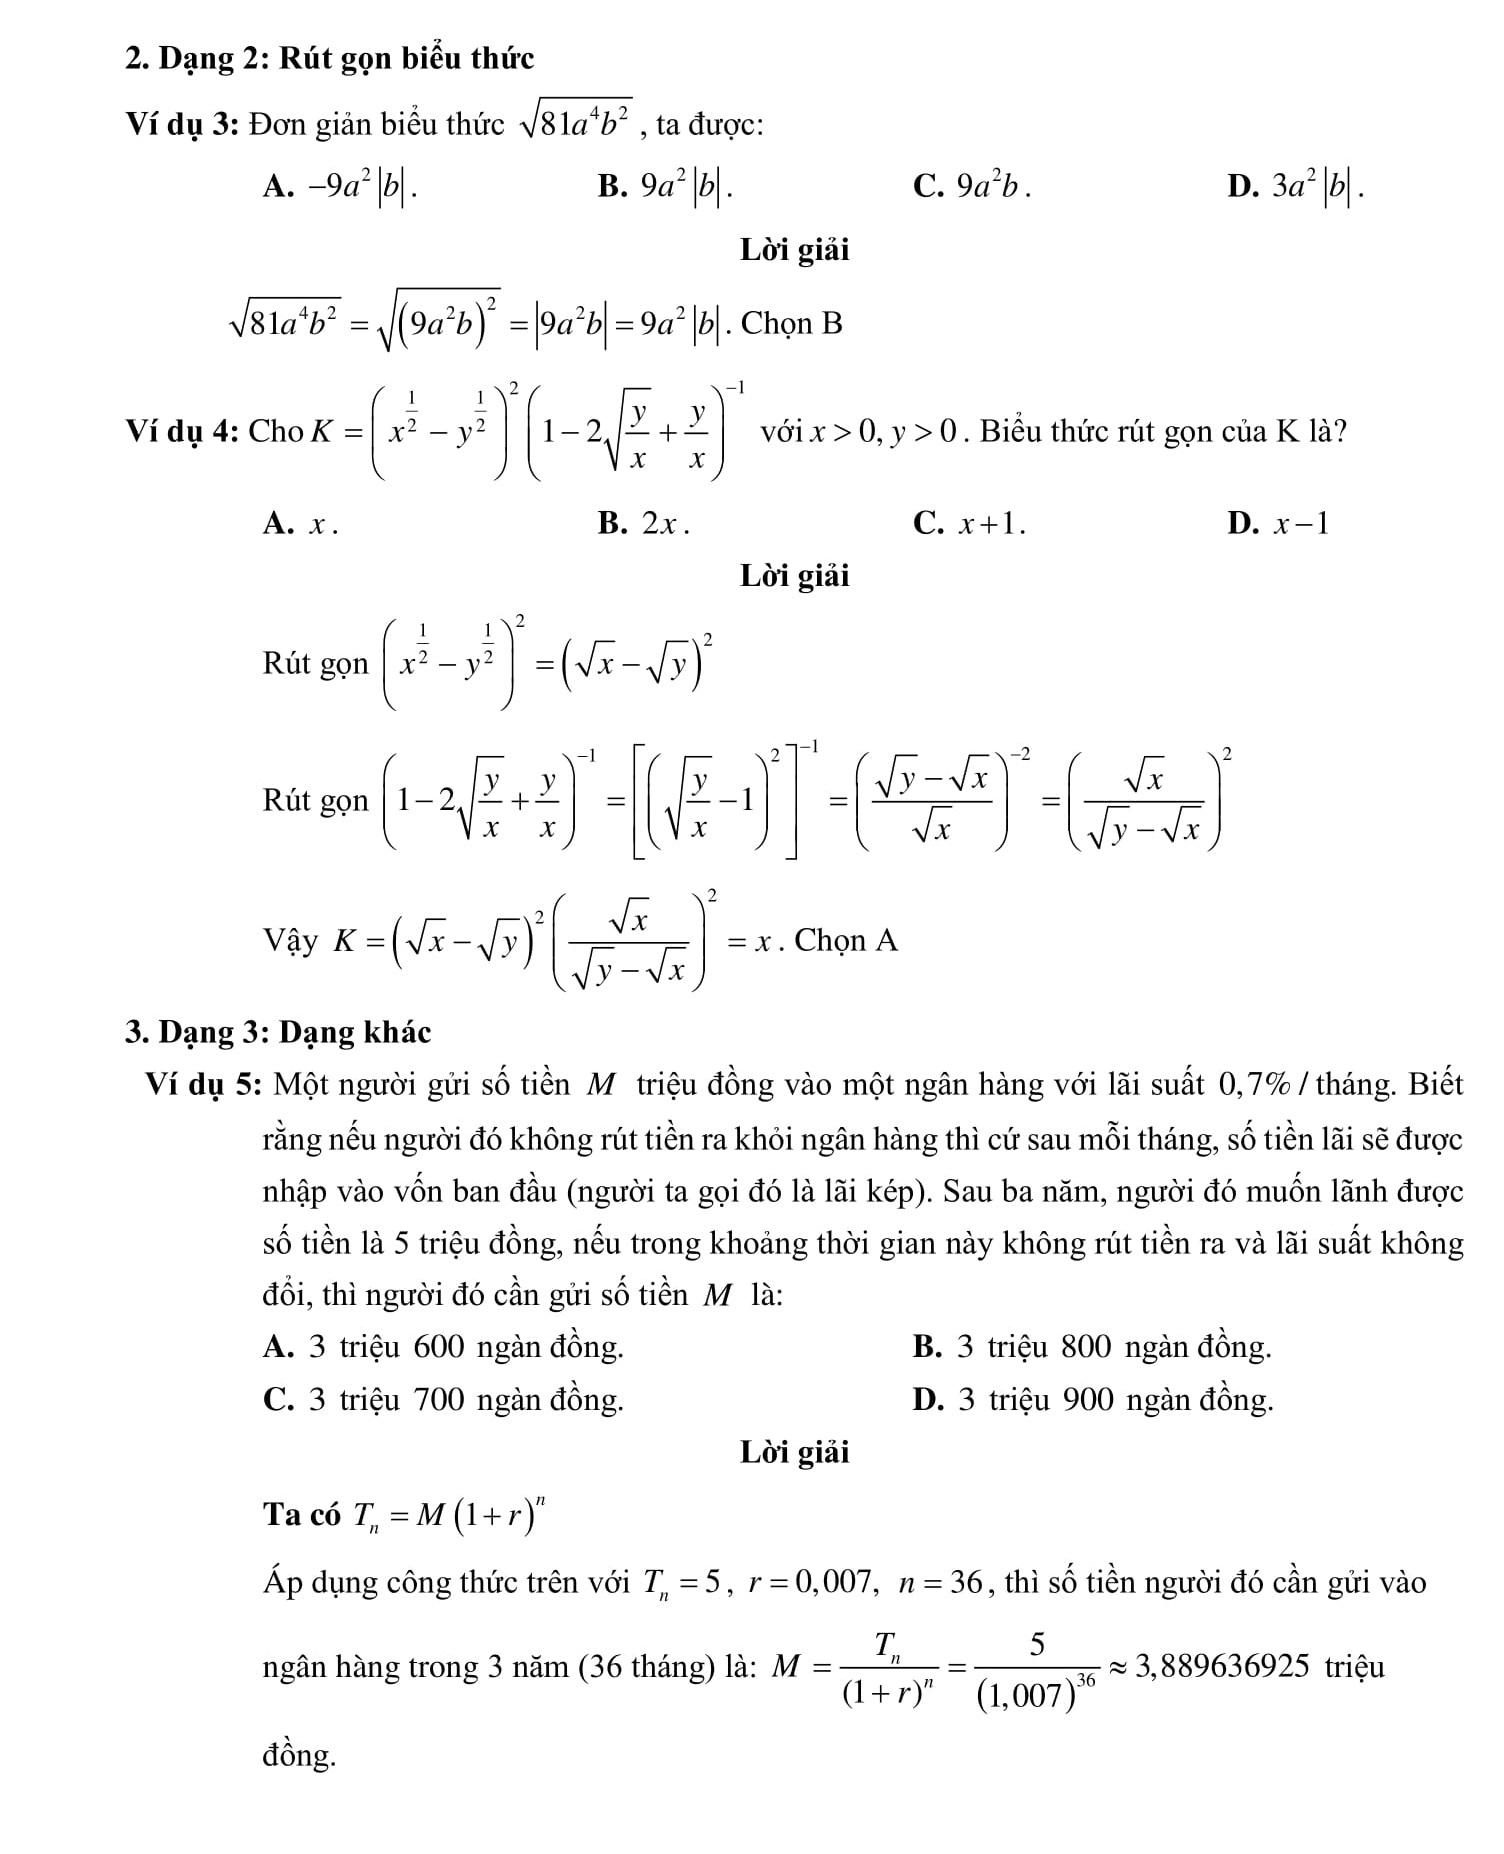 Chuyên đề 2: Lũy thừa, hàm số mũ và logarit